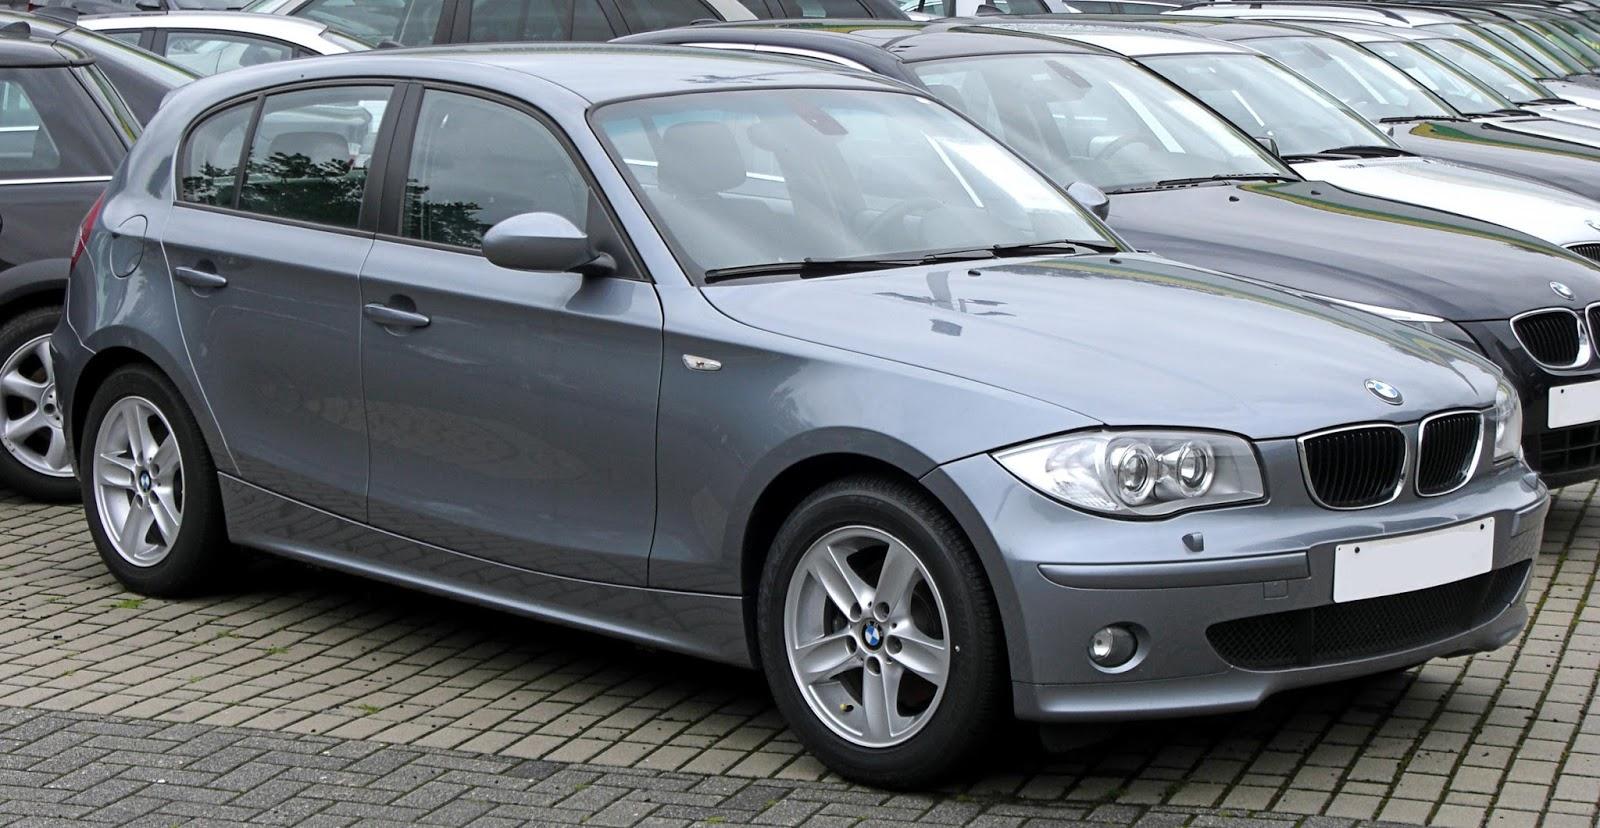 Audi magatol leparkol 658 - Persze A Fentiekb L M G Ne Ltal Nos Tsunk Lehet J Egyes Bmw T Kifogni De N Nem Tekintem Az Egyest Olyan Bmw Nek Ami Val Di Alternat V Ja Lenne Egy